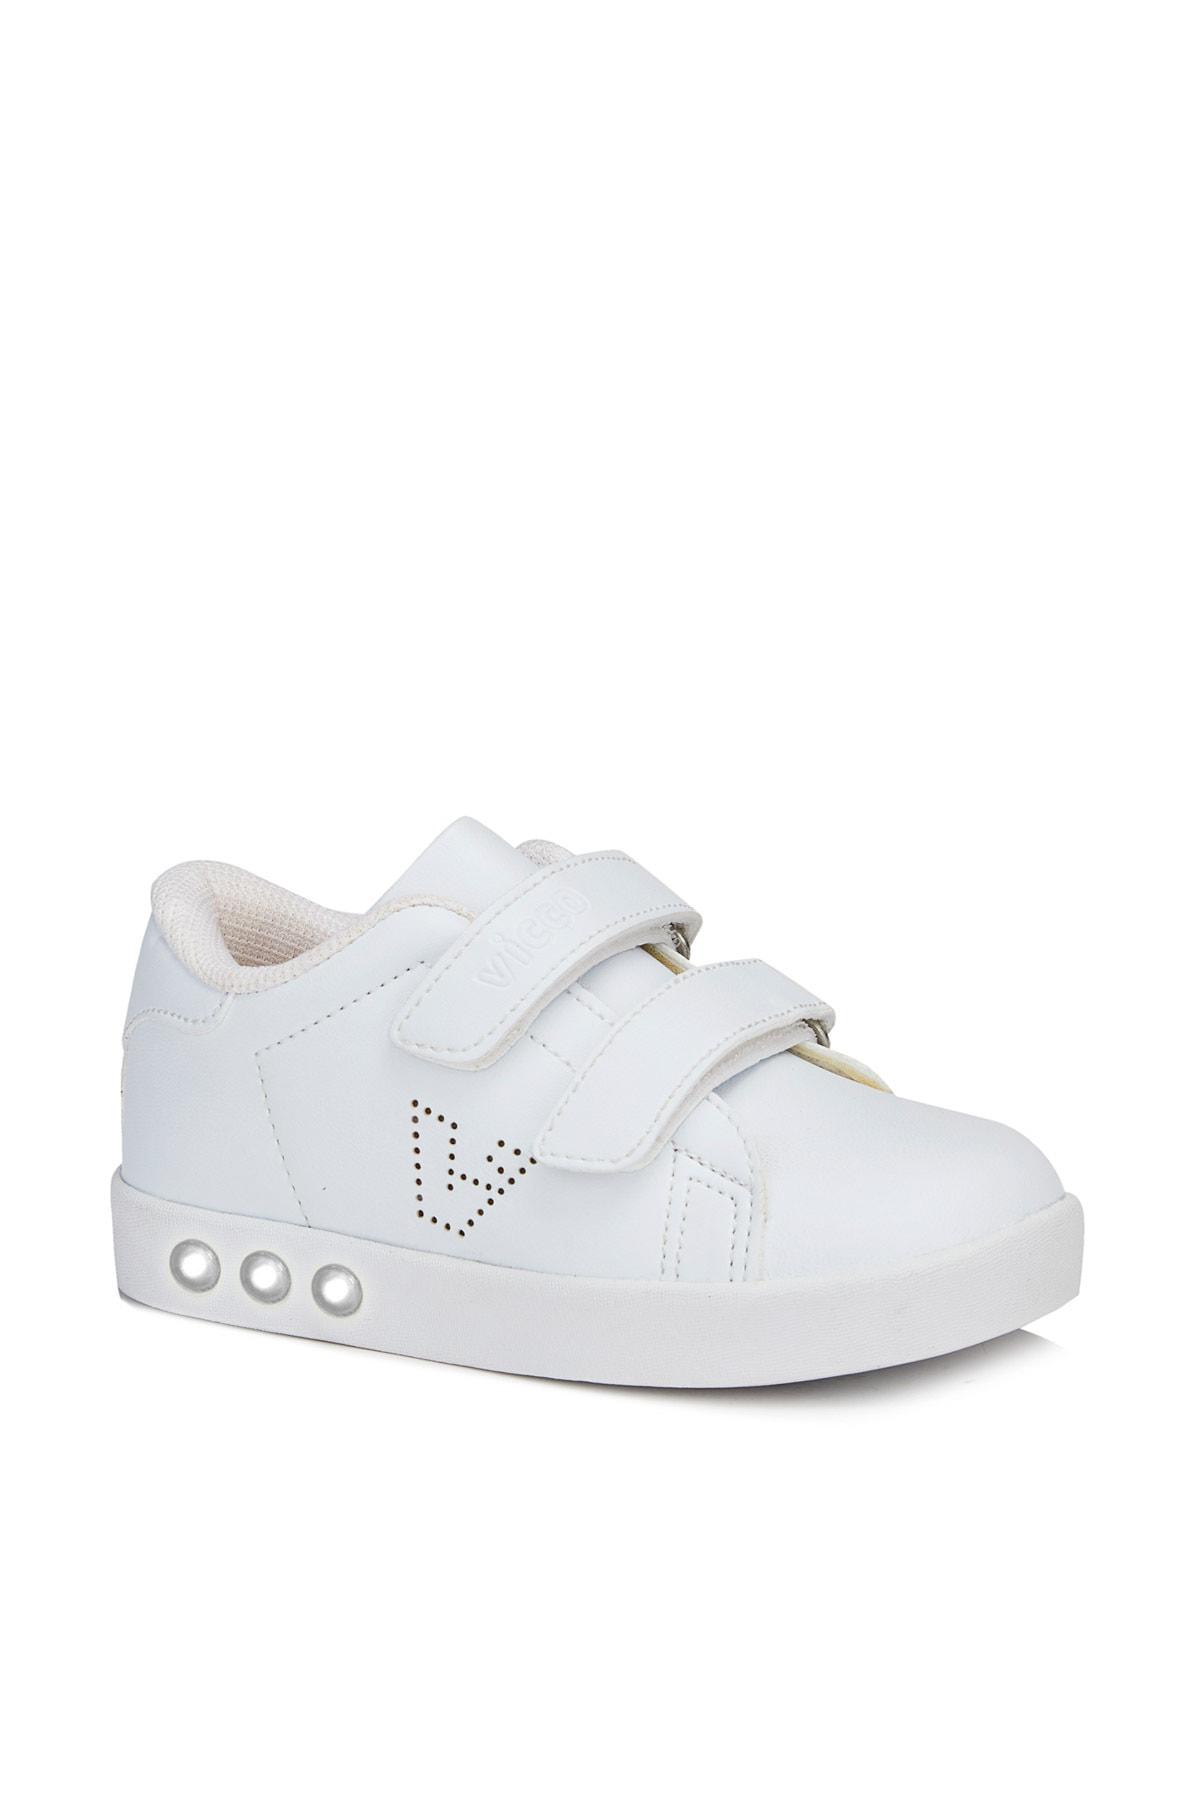 Vicco Oyo Unisex Ilk Adım Beyaz Spor Ayakkabı 1